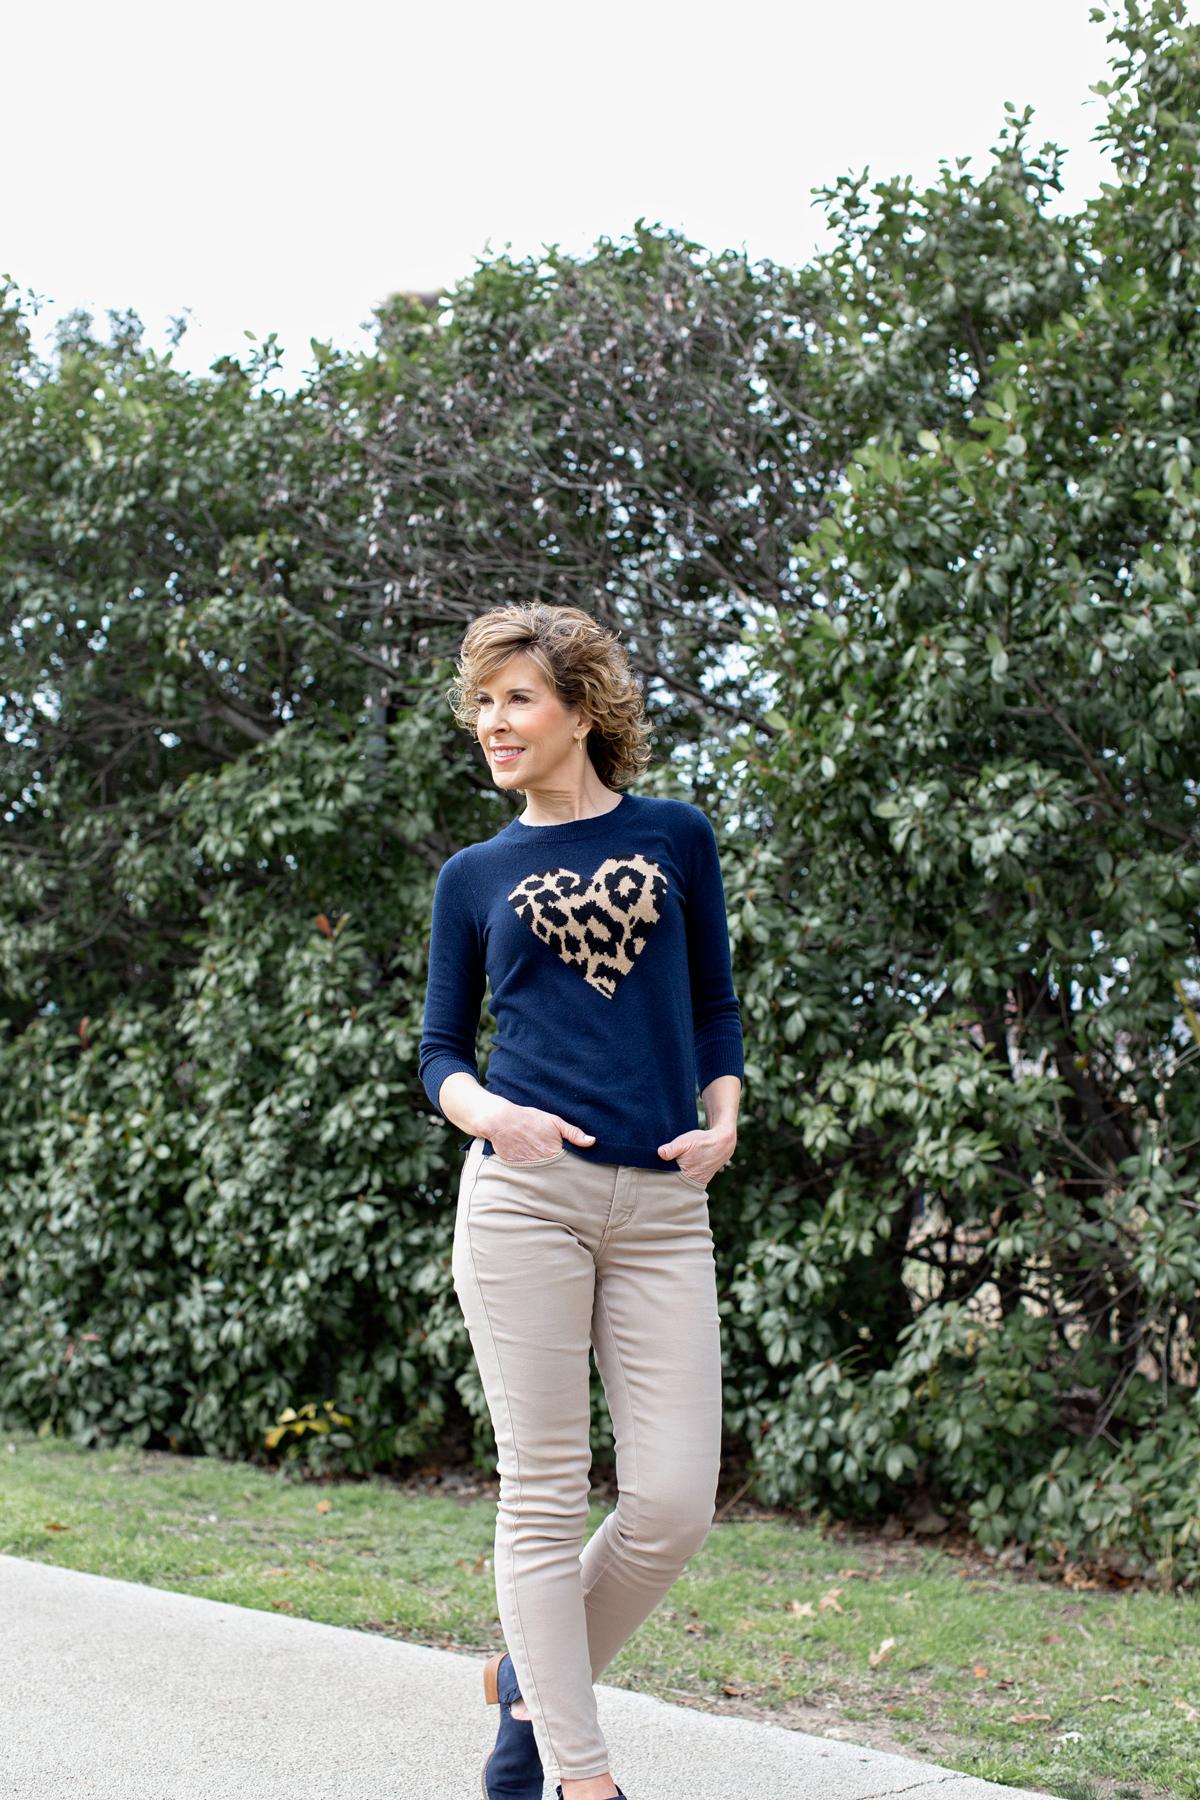 woman in heart sweater walking